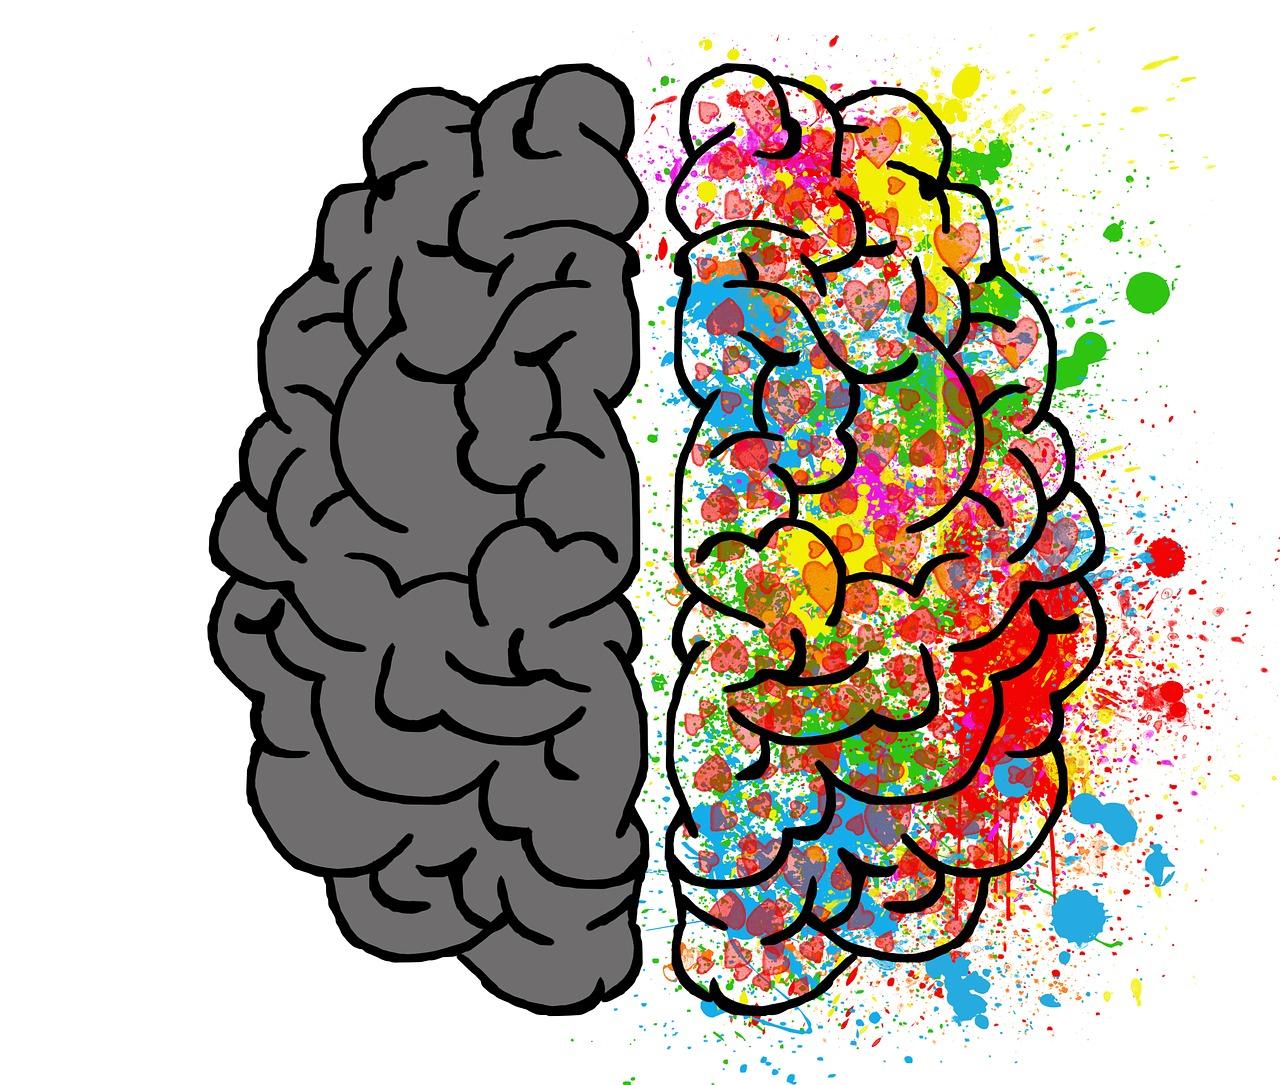 zdrowie psychiczne - lewa i prawa półkula mózgu